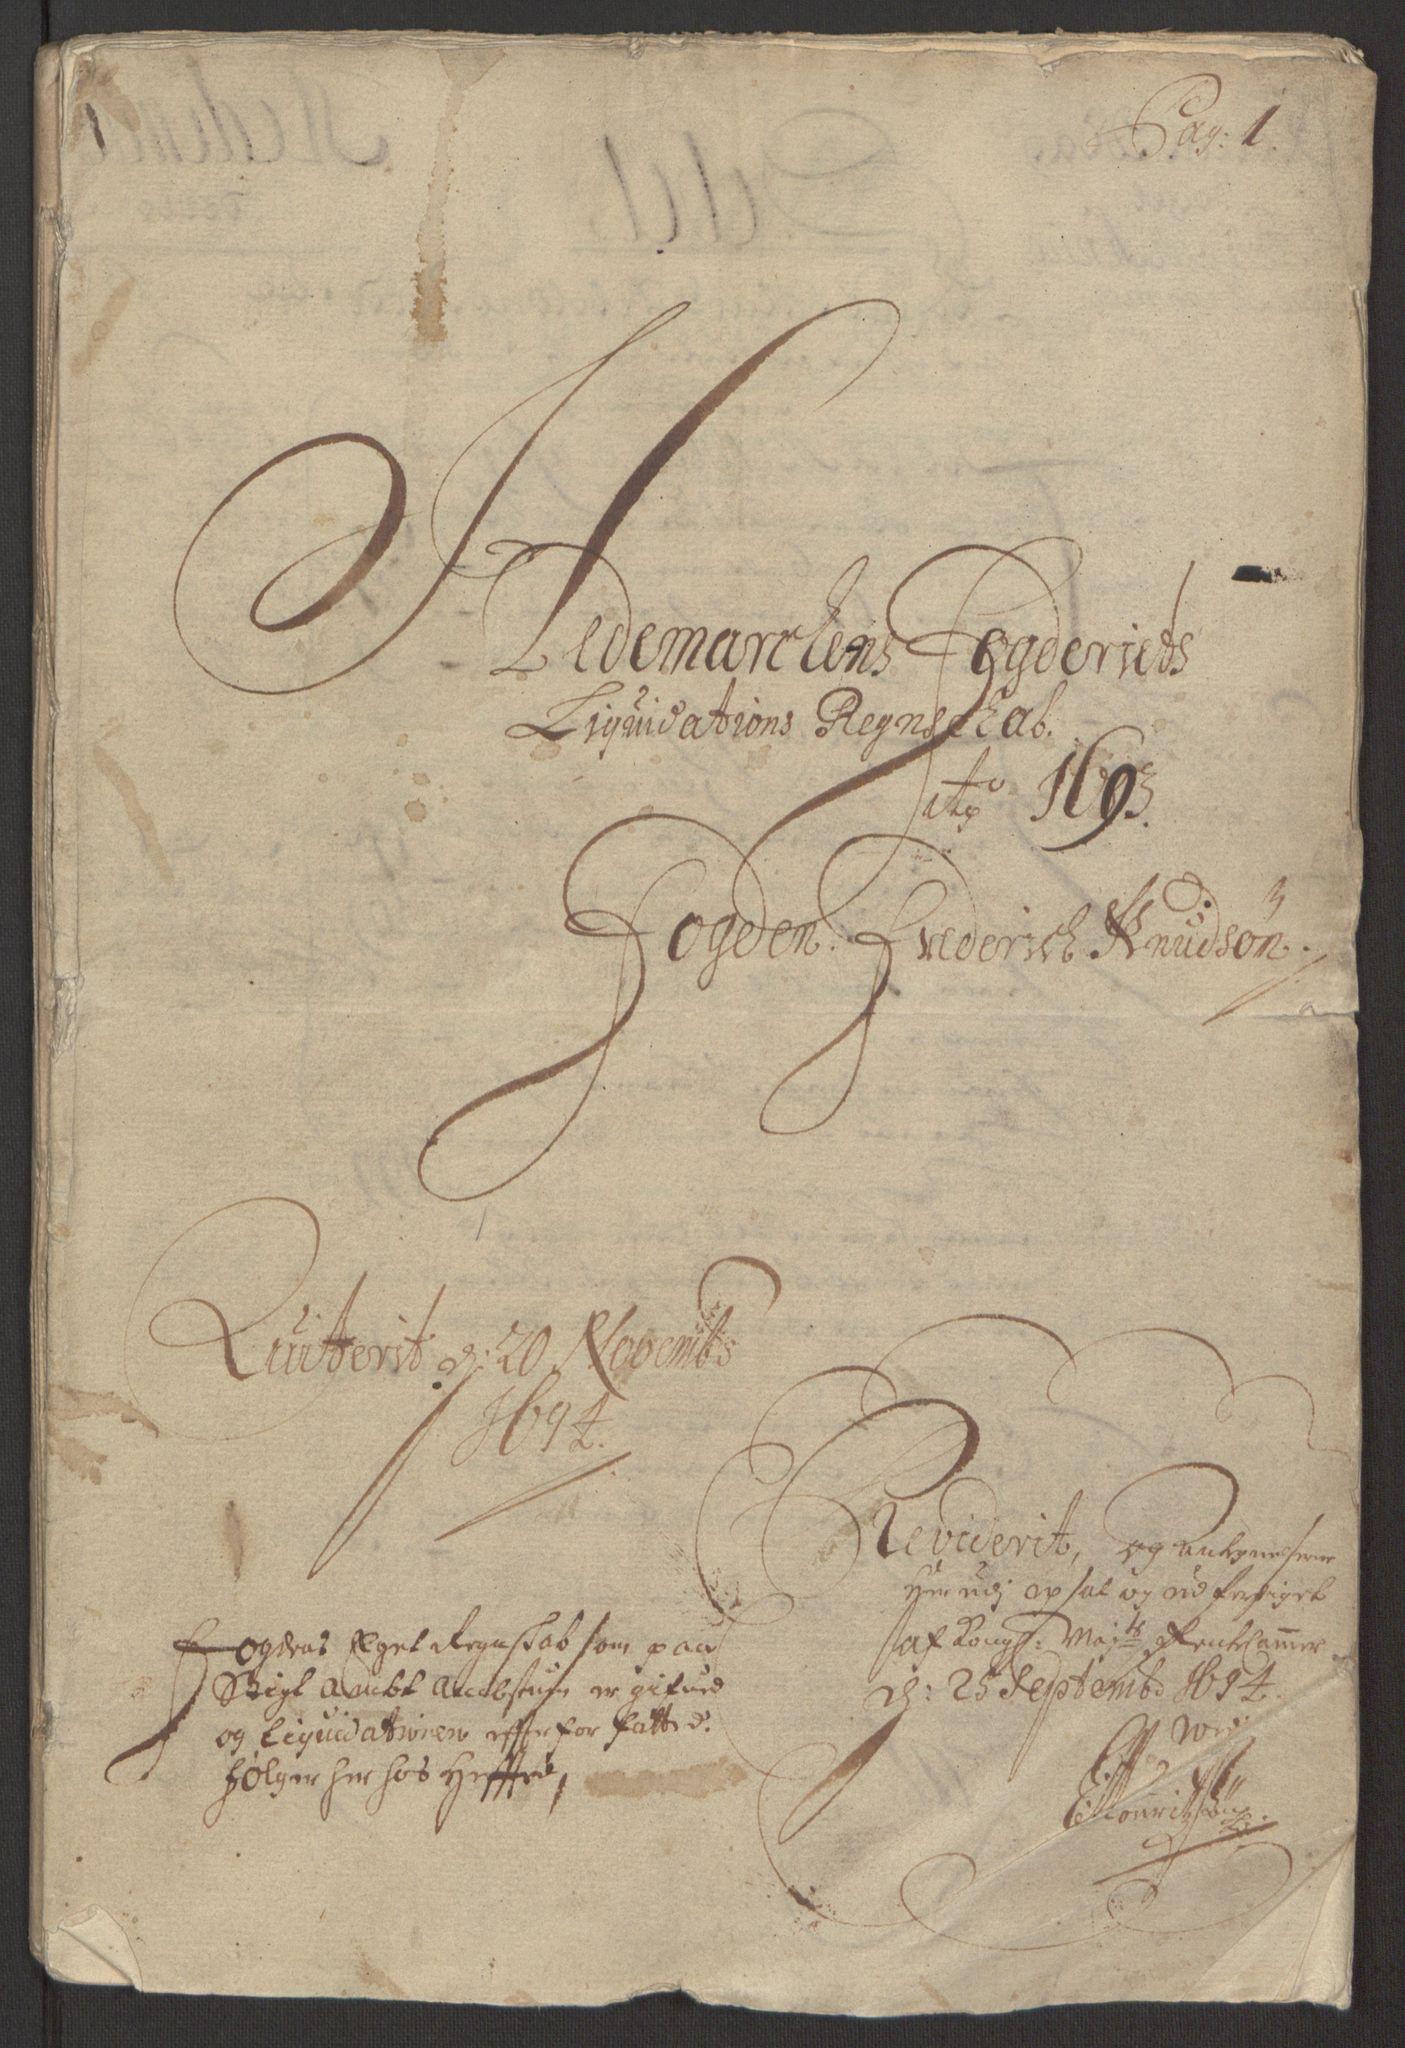 RA, Rentekammeret inntil 1814, Reviderte regnskaper, Fogderegnskap, R16/L1034: Fogderegnskap Hedmark, 1693, s. 3